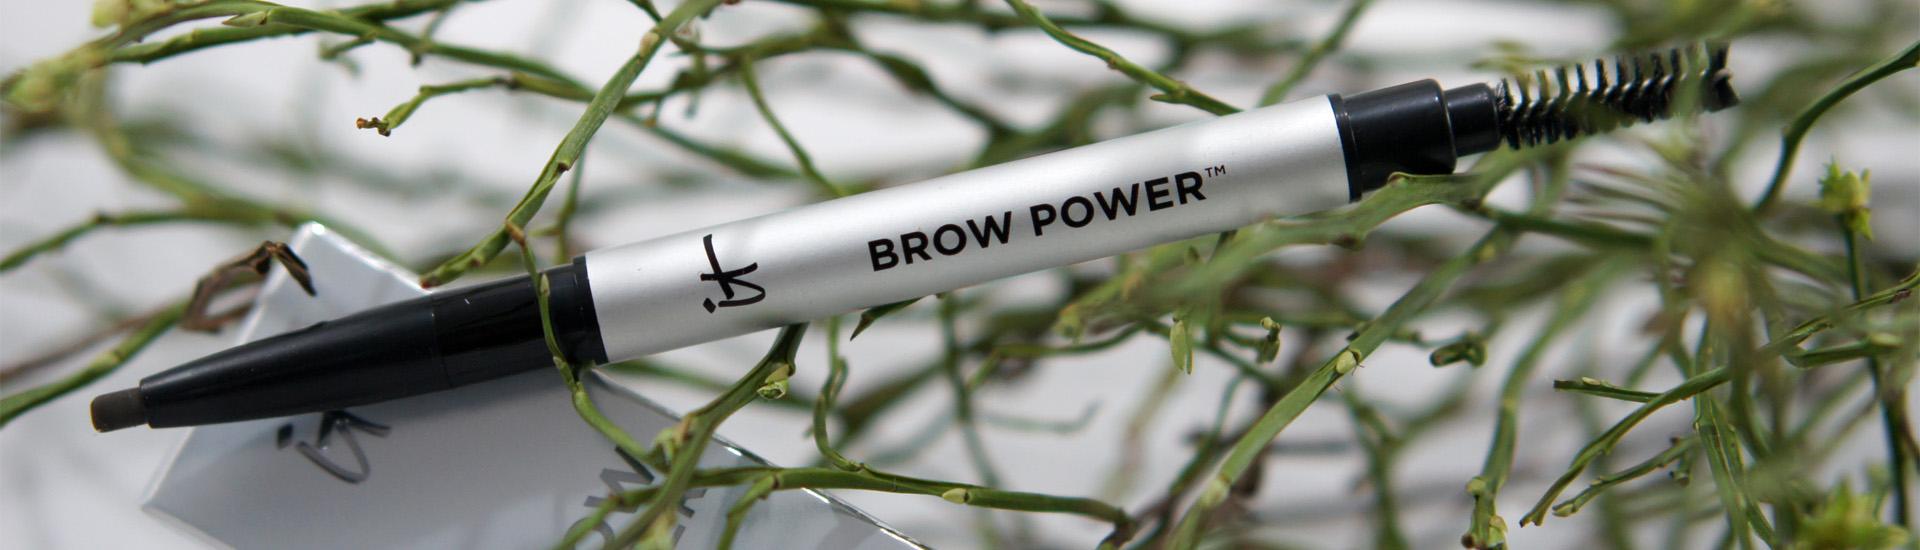 Карандаш для бровей IT cosmetics Brow Power: качество и удобство